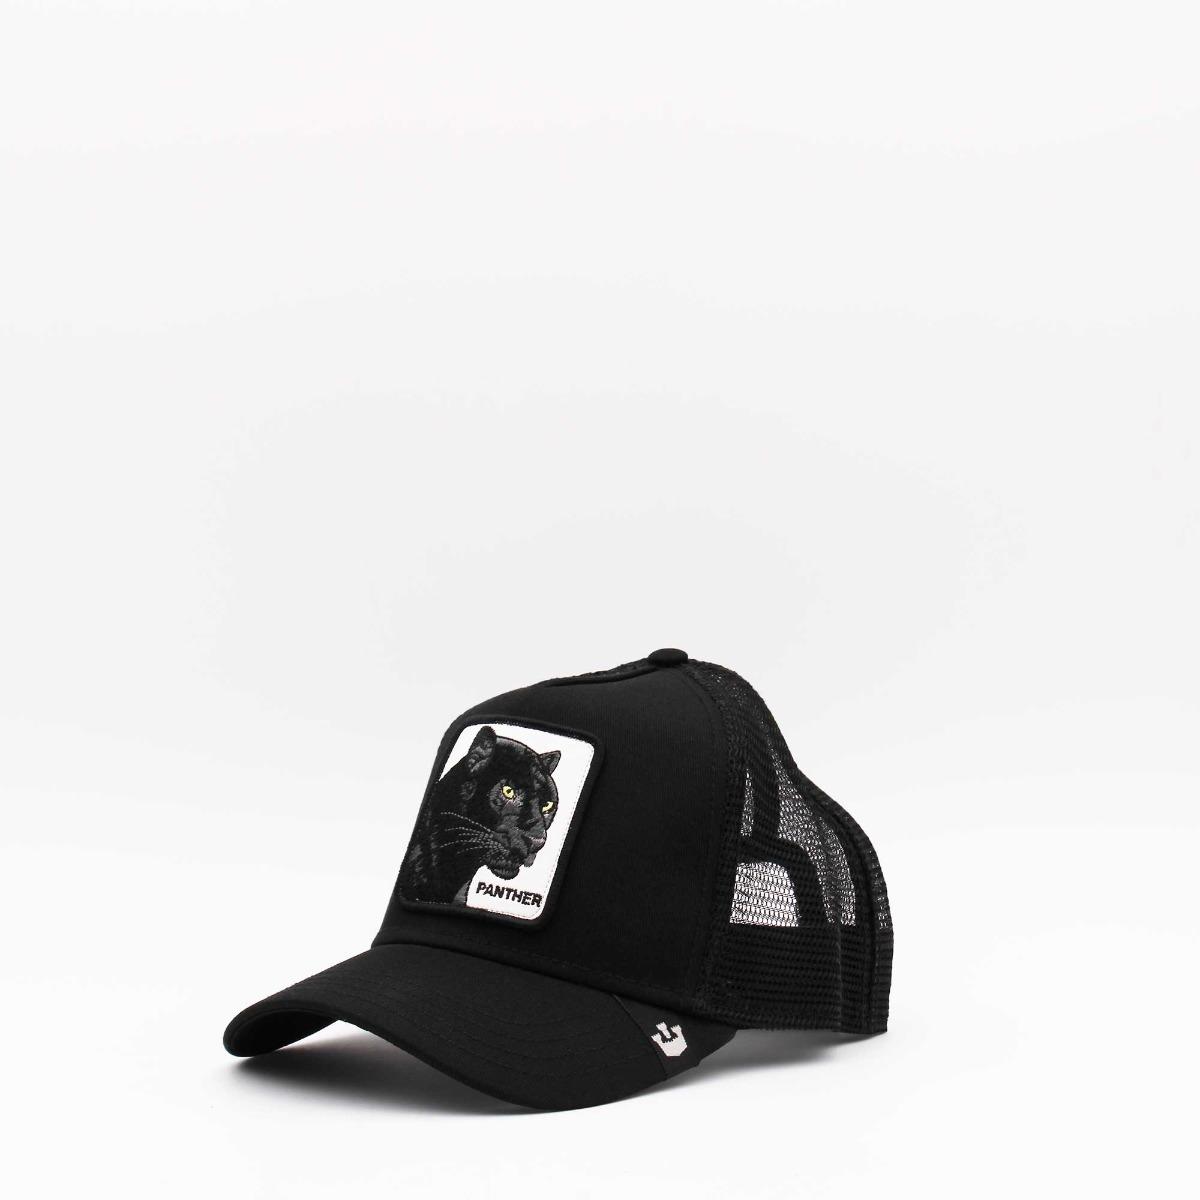 Baseball pantera - Nero